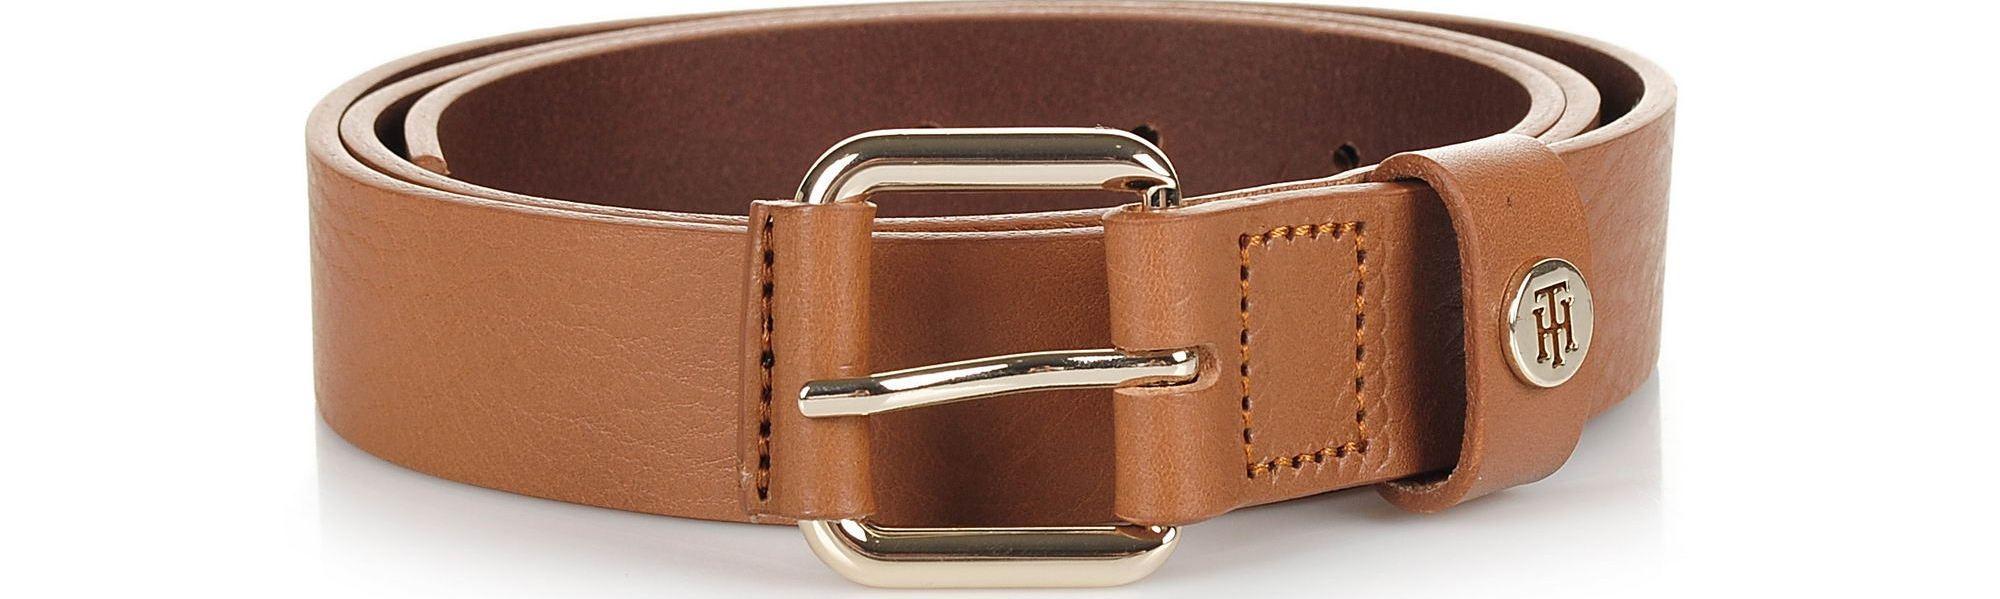 Δερμάτινη Ζώνη Tommy Hilfiger Leather Covered Buck AW0AW05889